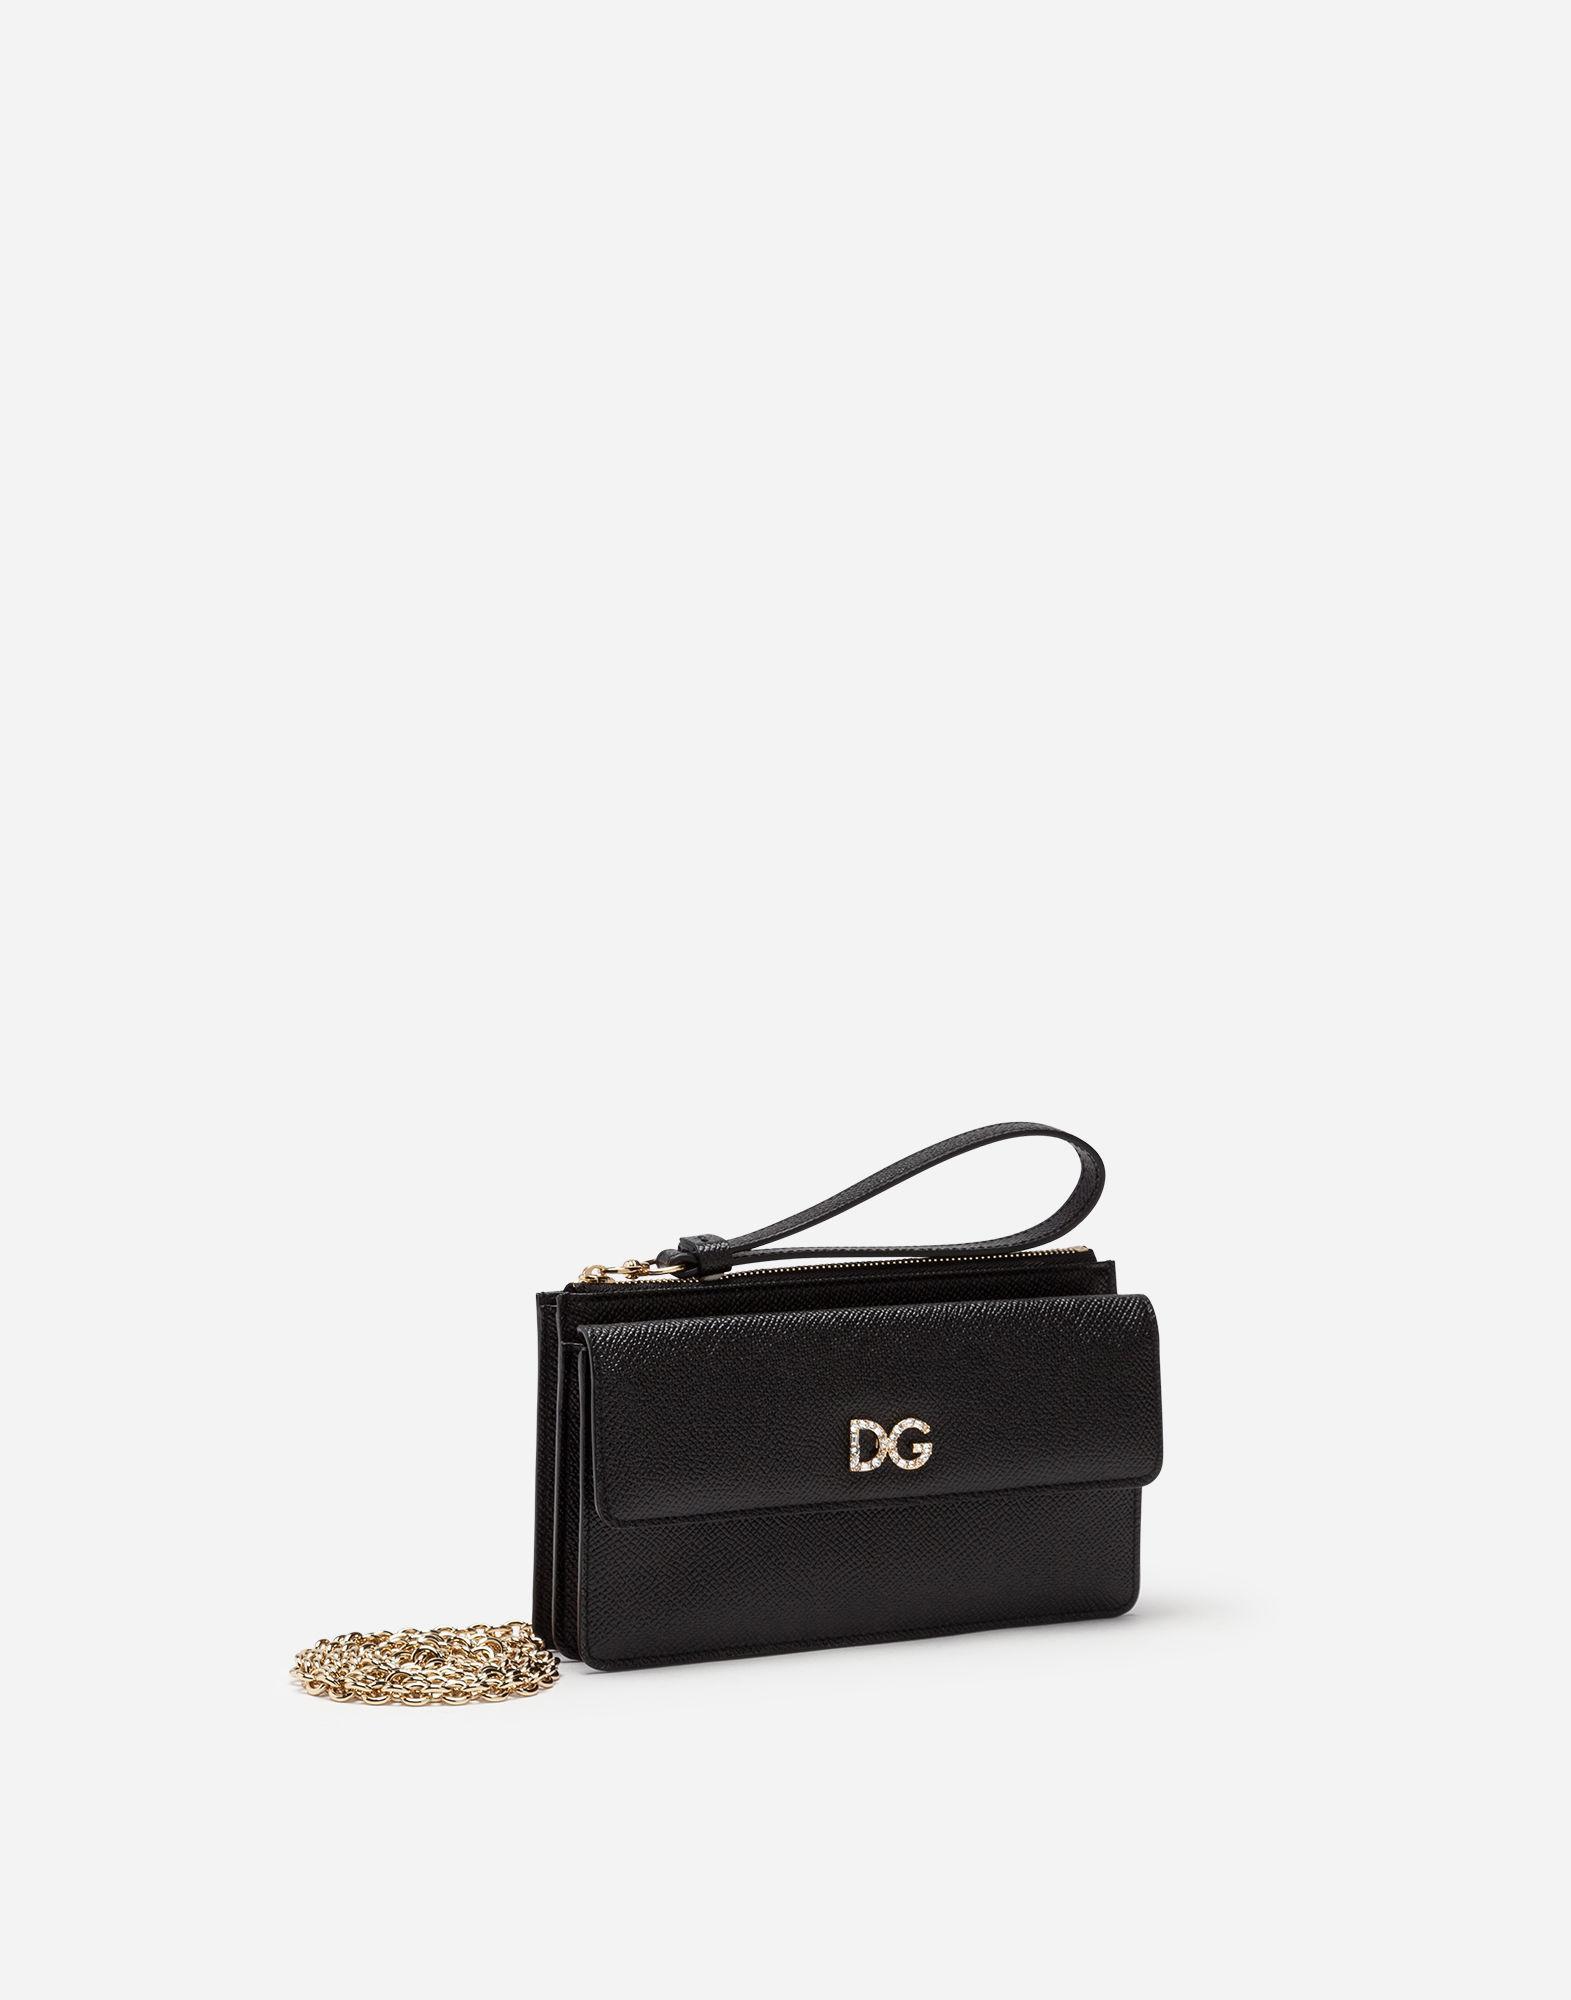 ab6ffdaca5a8 Lyst - Dolce   Gabbana Von Bag In Dauphine Calfskin With Dg Logo Crystalsâ  in Black